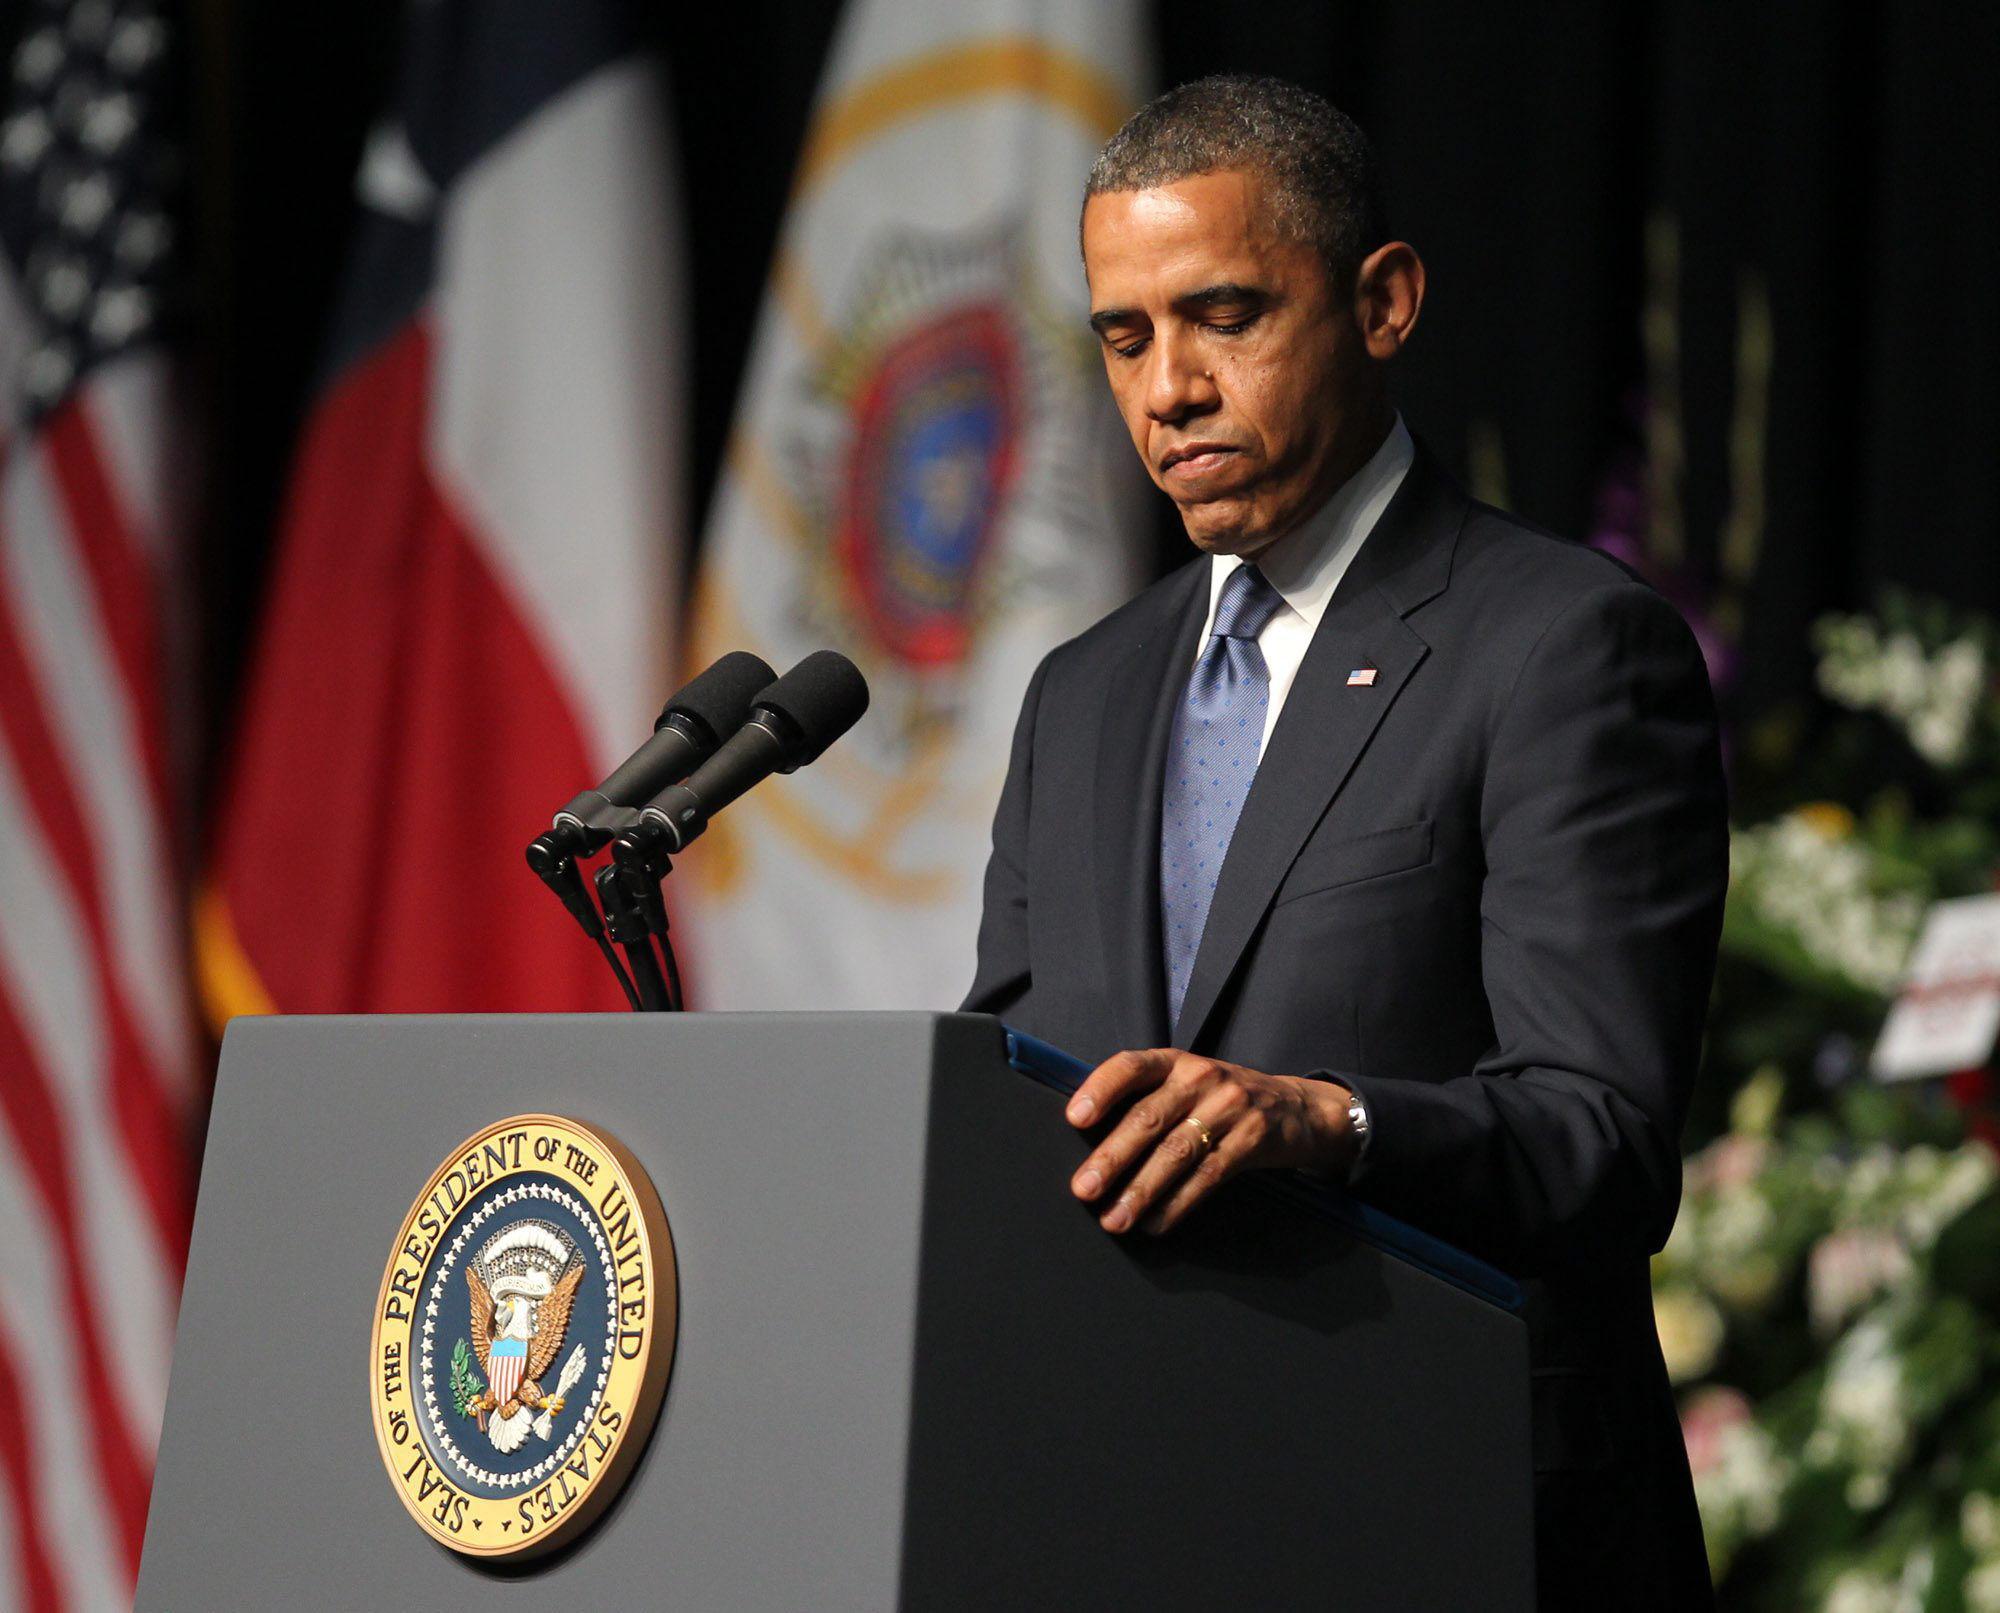 La mitad de los estadounidenses no apoya la gestión de Barack Obama